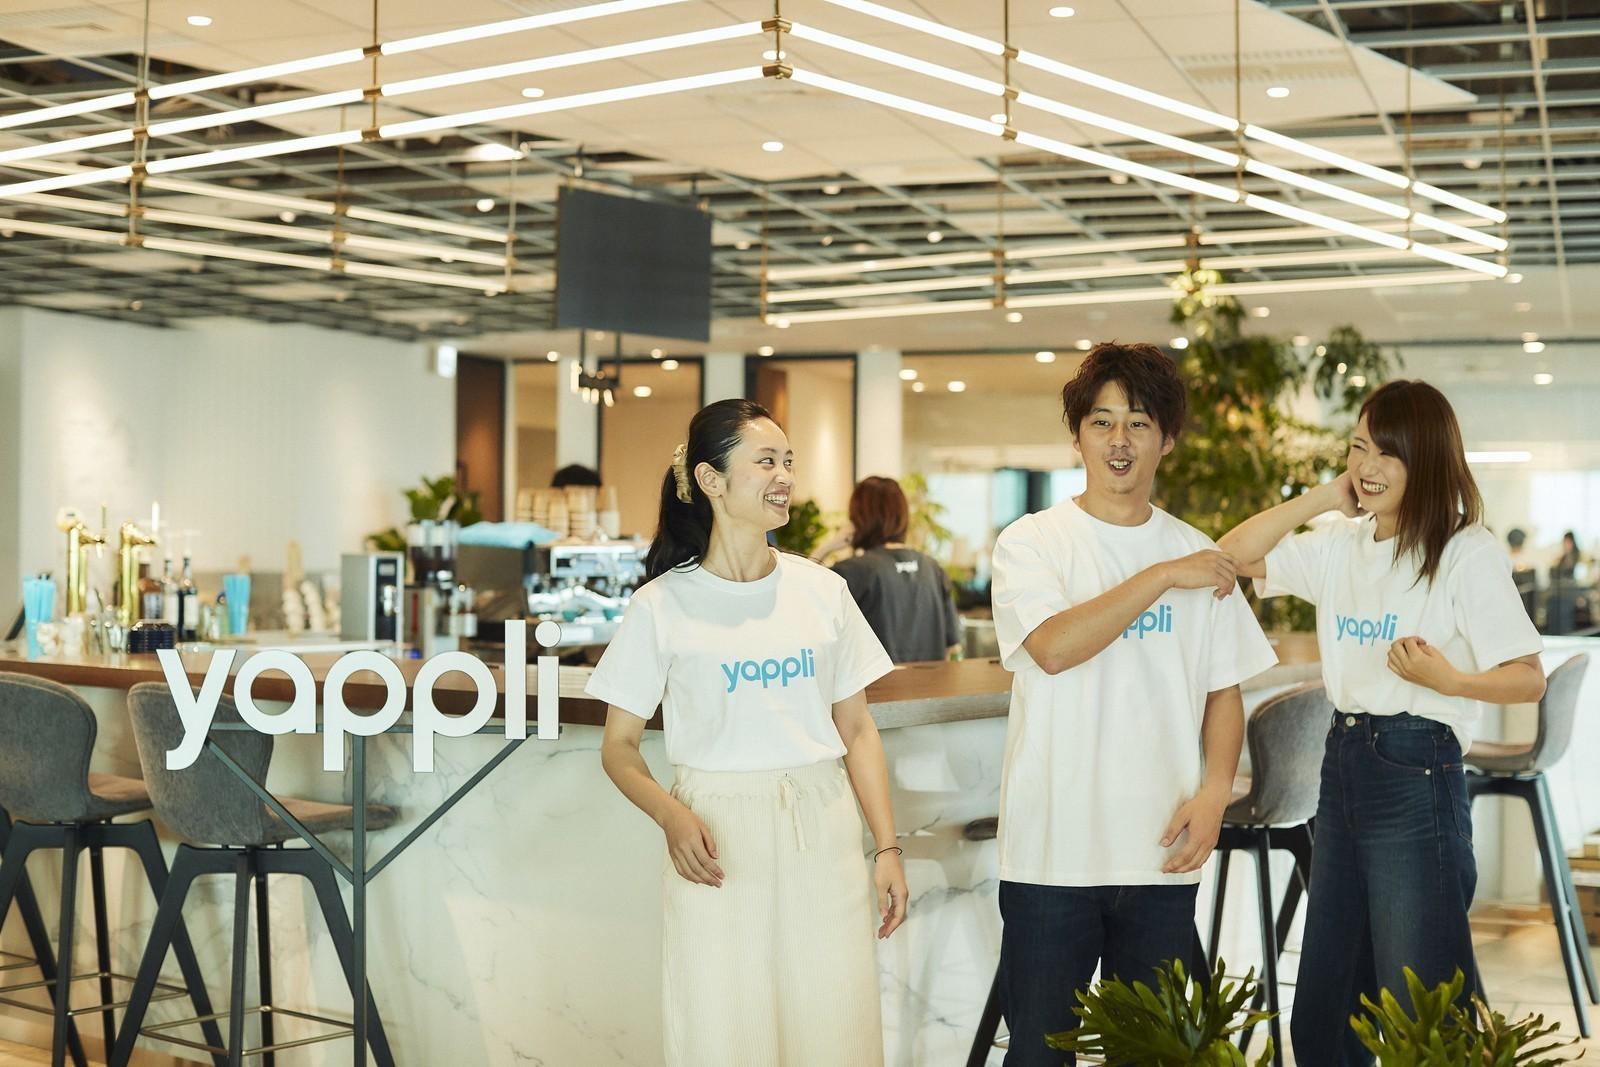 【導入300社以上】BtoBアプリ制作プラットフォーム「Yappli」がUX向上を手掛けるフロントエンドエンジニアを募集